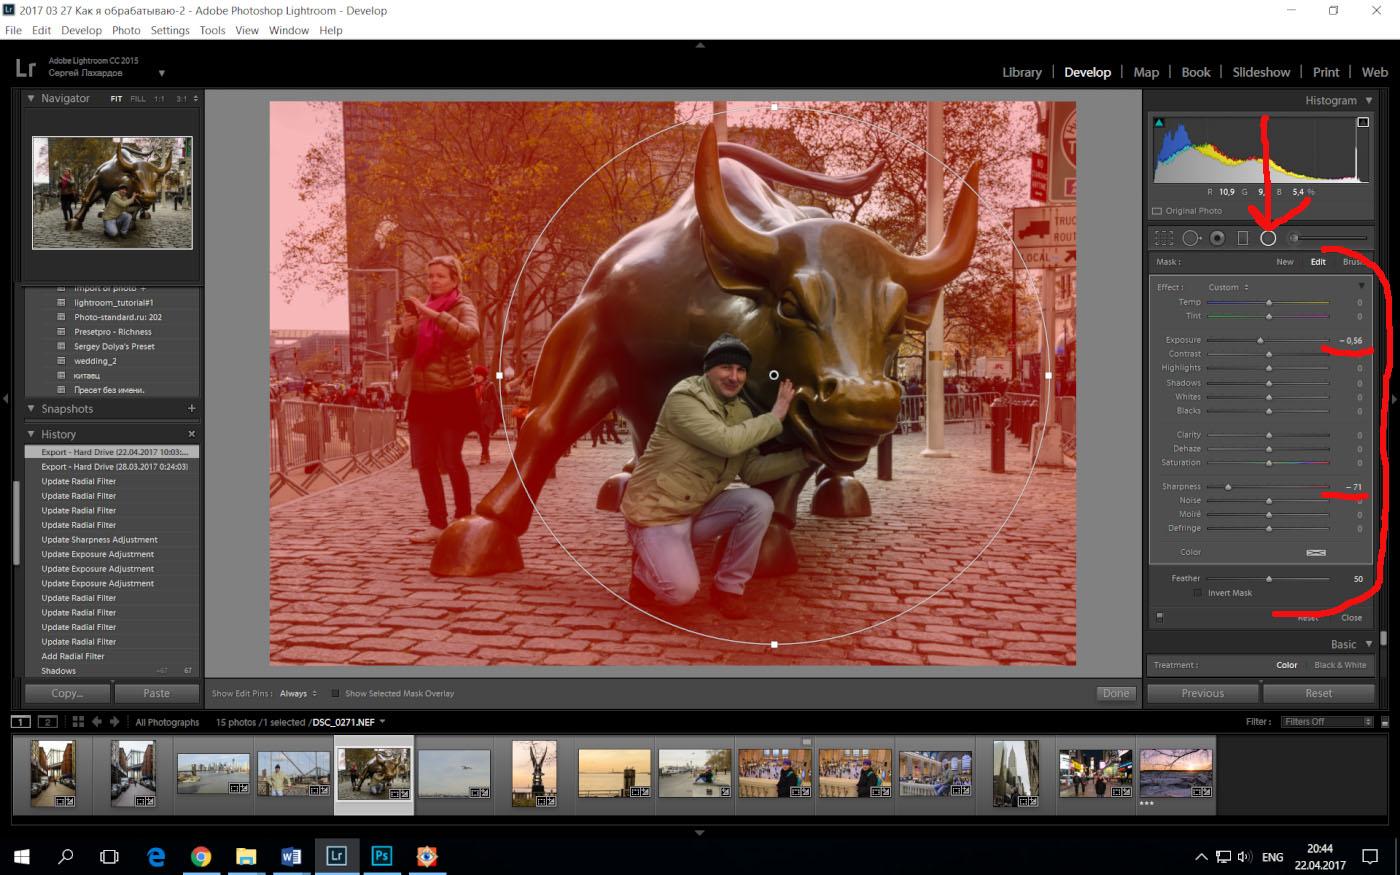 21. В отличие от внутрикамерного JPEG, при обработке NEF в Lightroom можно применить инструмент «Радиальный фильтр», позволяющий обратить взгляд зрителя к главному.